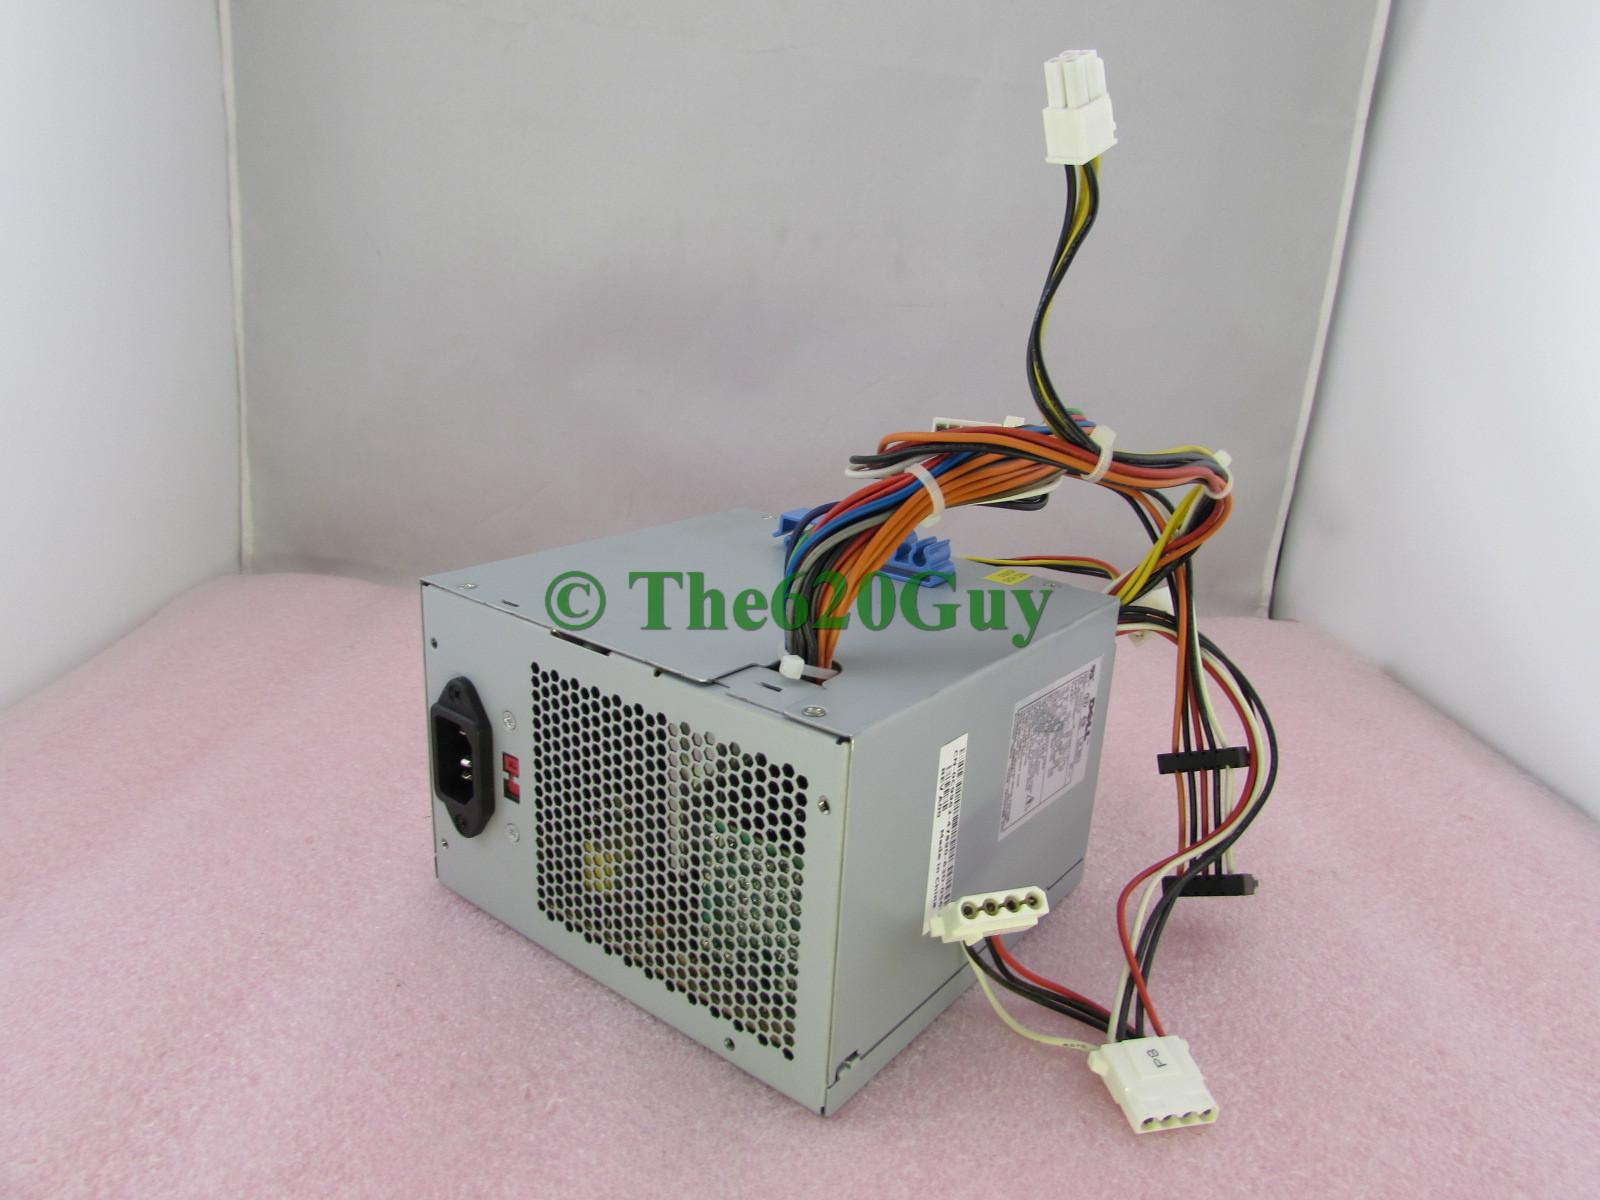 NEW Genuine OEM HP xw4600 475W Power Supply DPS-475CB 450937-001 452554-001